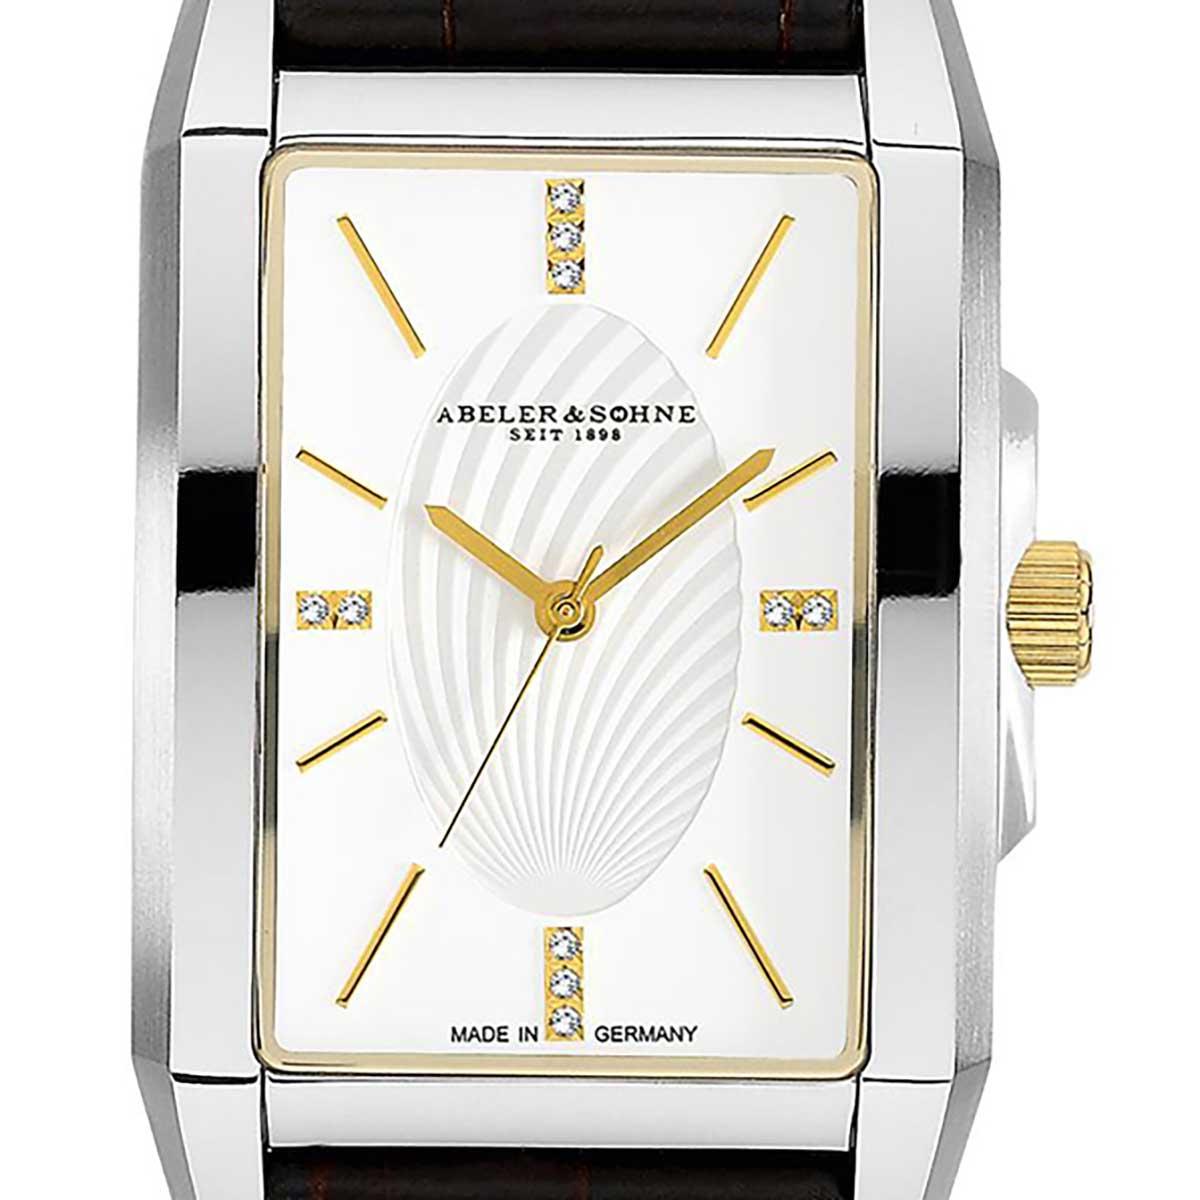 【残り1点】Abeler&Soehne アベラーアンドゾーネ 電池式クォーツ 腕時計 [AS3164] 並行輸入品